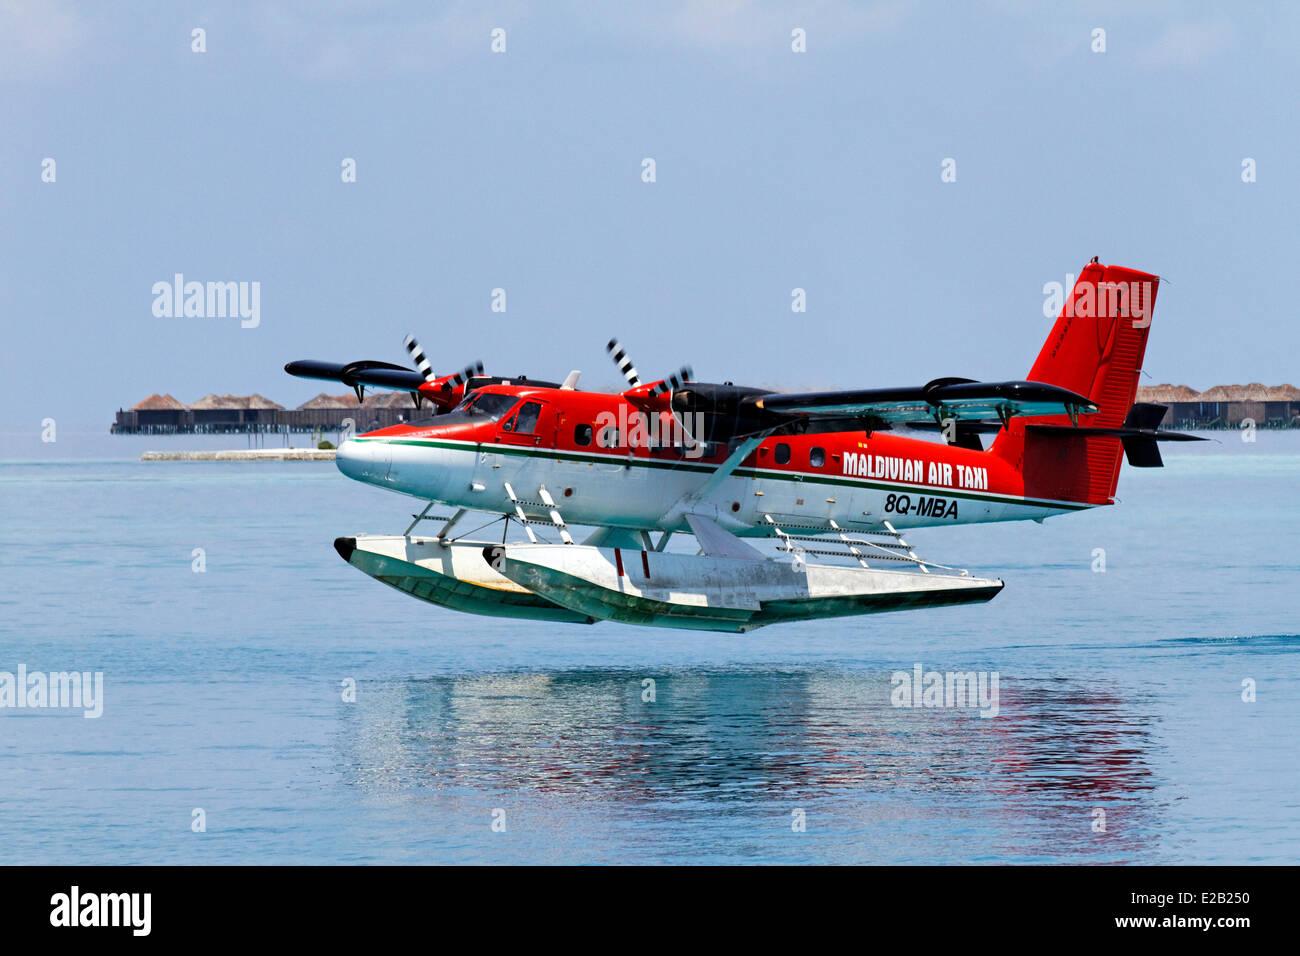 Maldivas, hidroavión de aire maldiva Taxi Company, cepillado Imagen De Stock